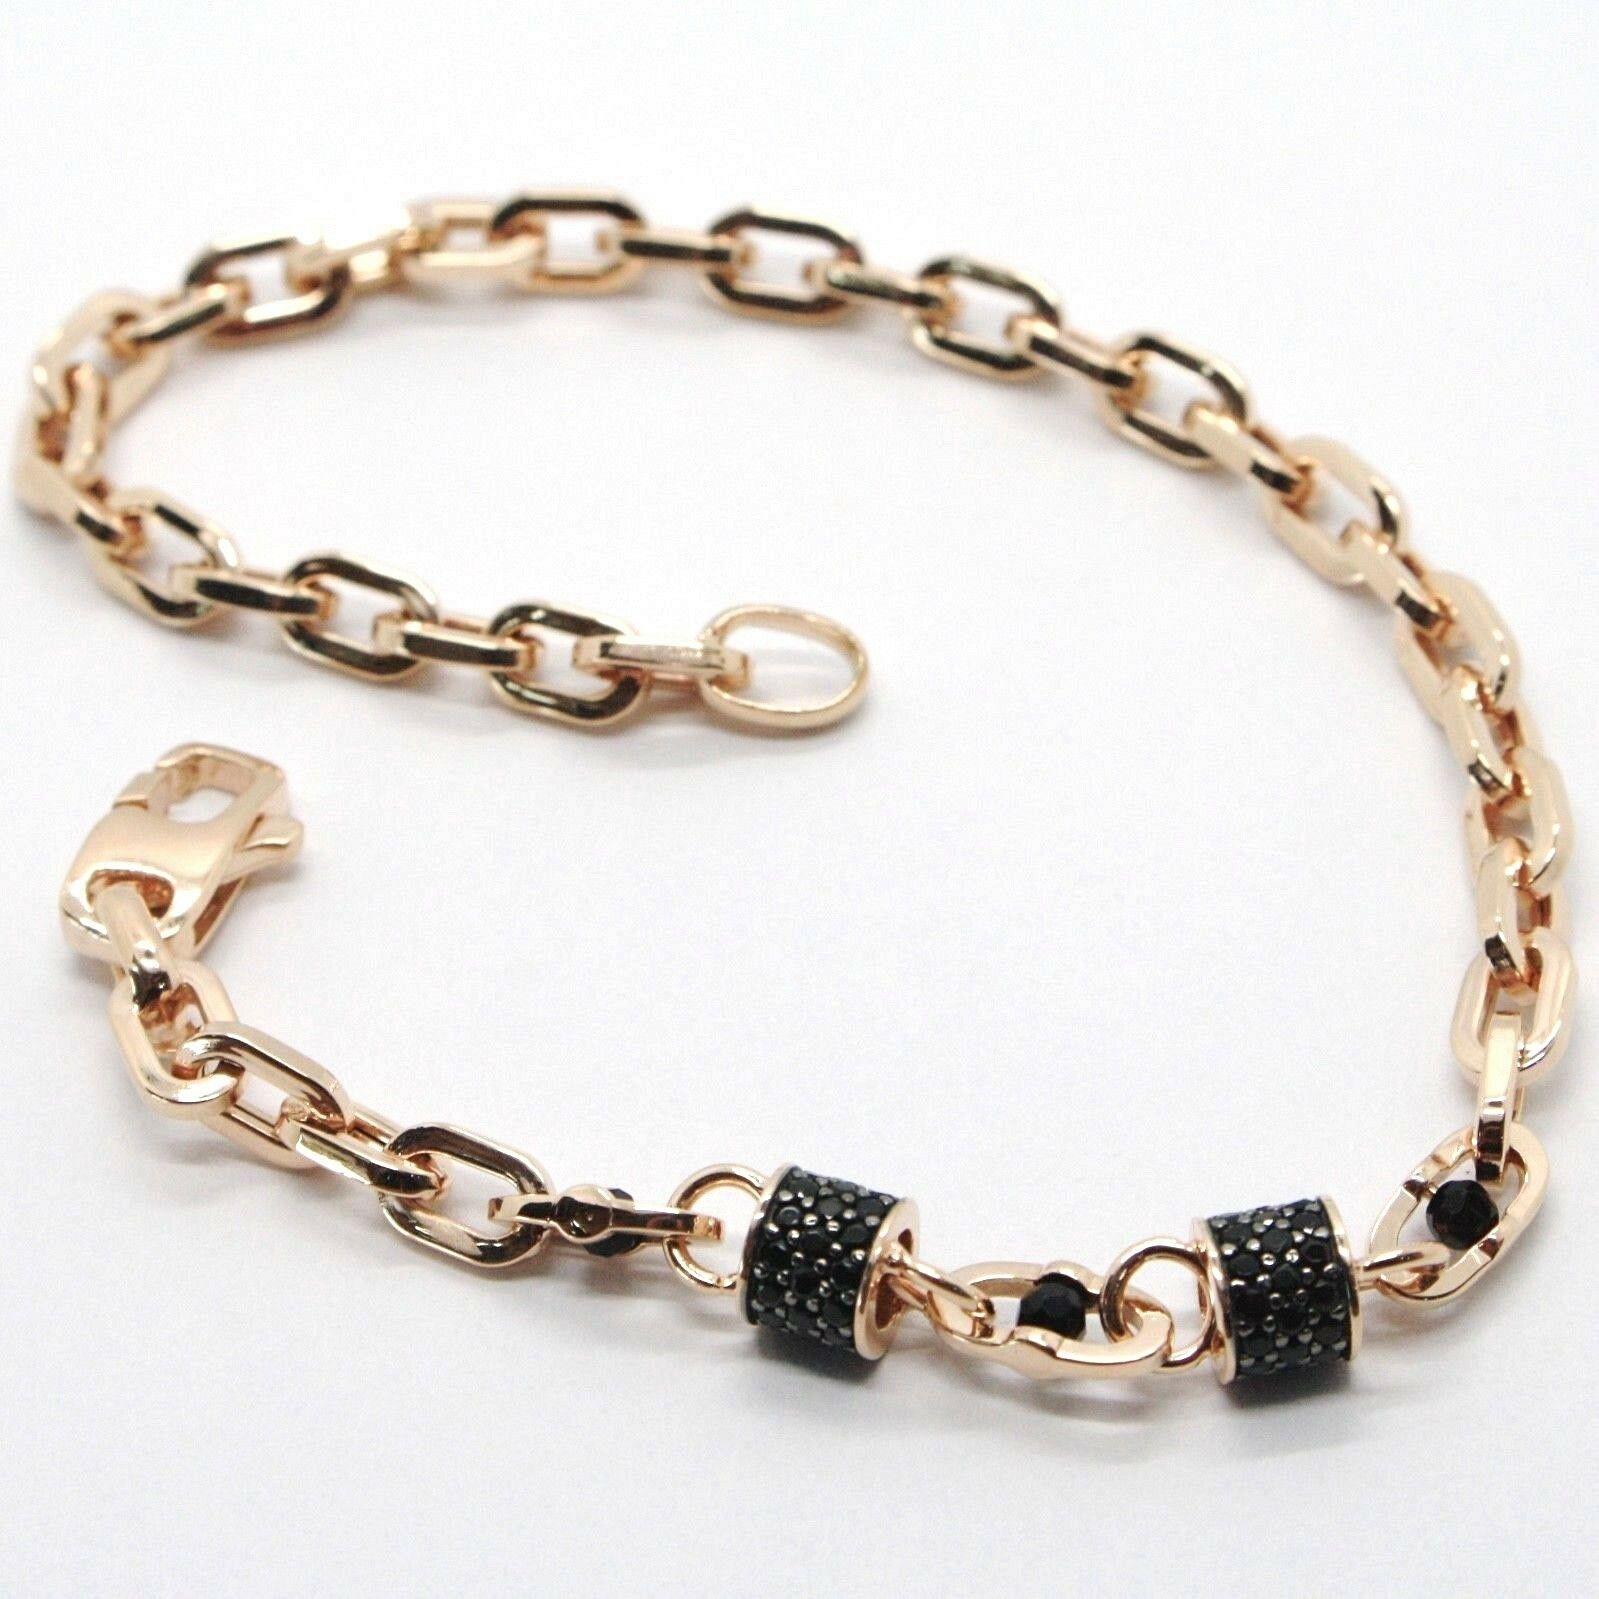 Armband Gold Pink 18K 750, Röhren mit Zirkonia Schwarze und Ovale Abwechselnde,